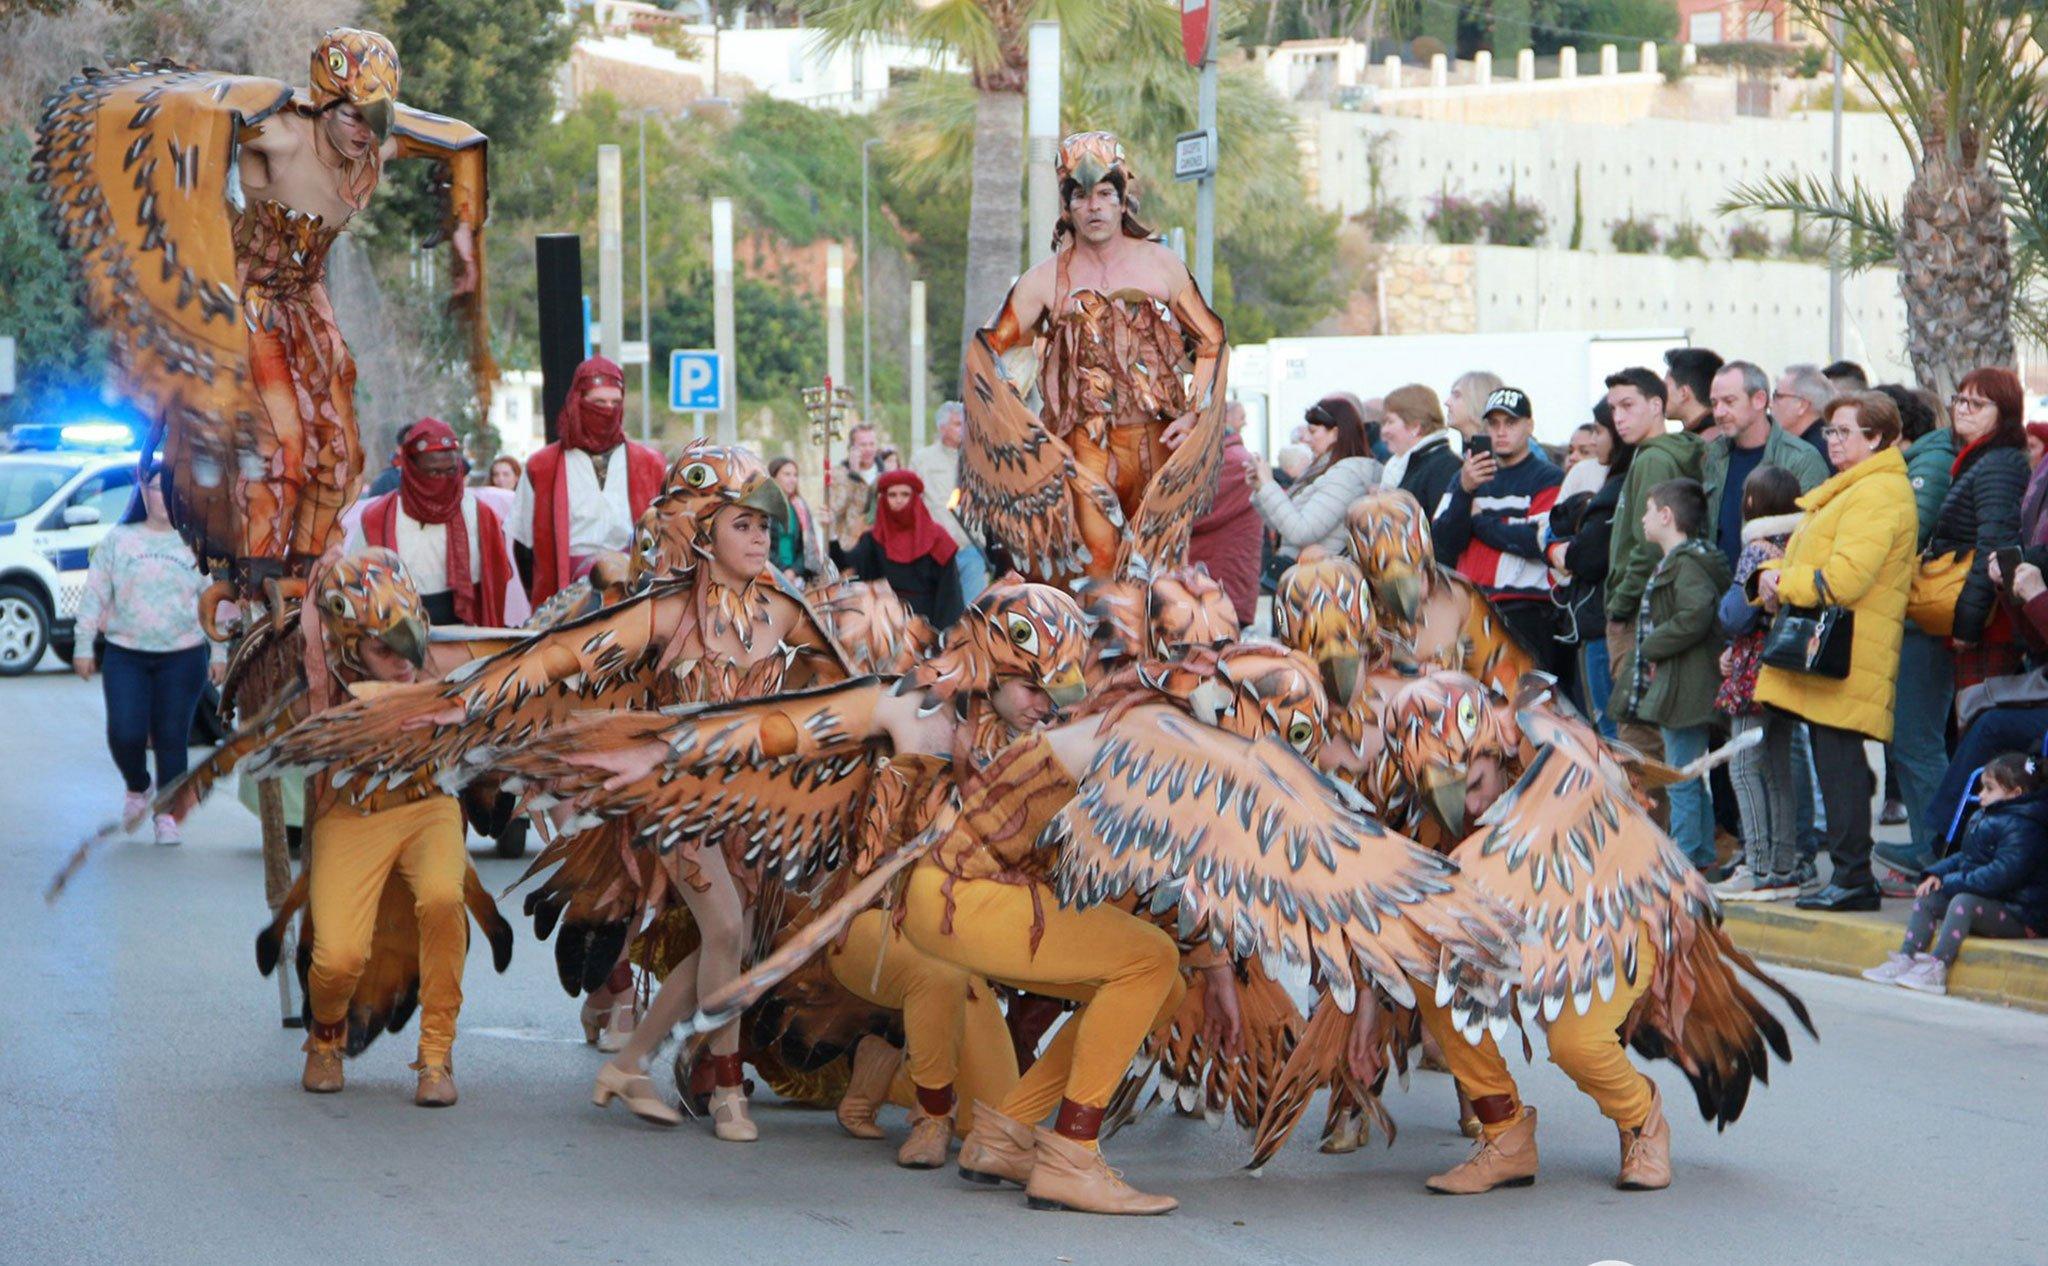 Baile y ambientación en la Cabalgata de Reyes de Jávea (2020)